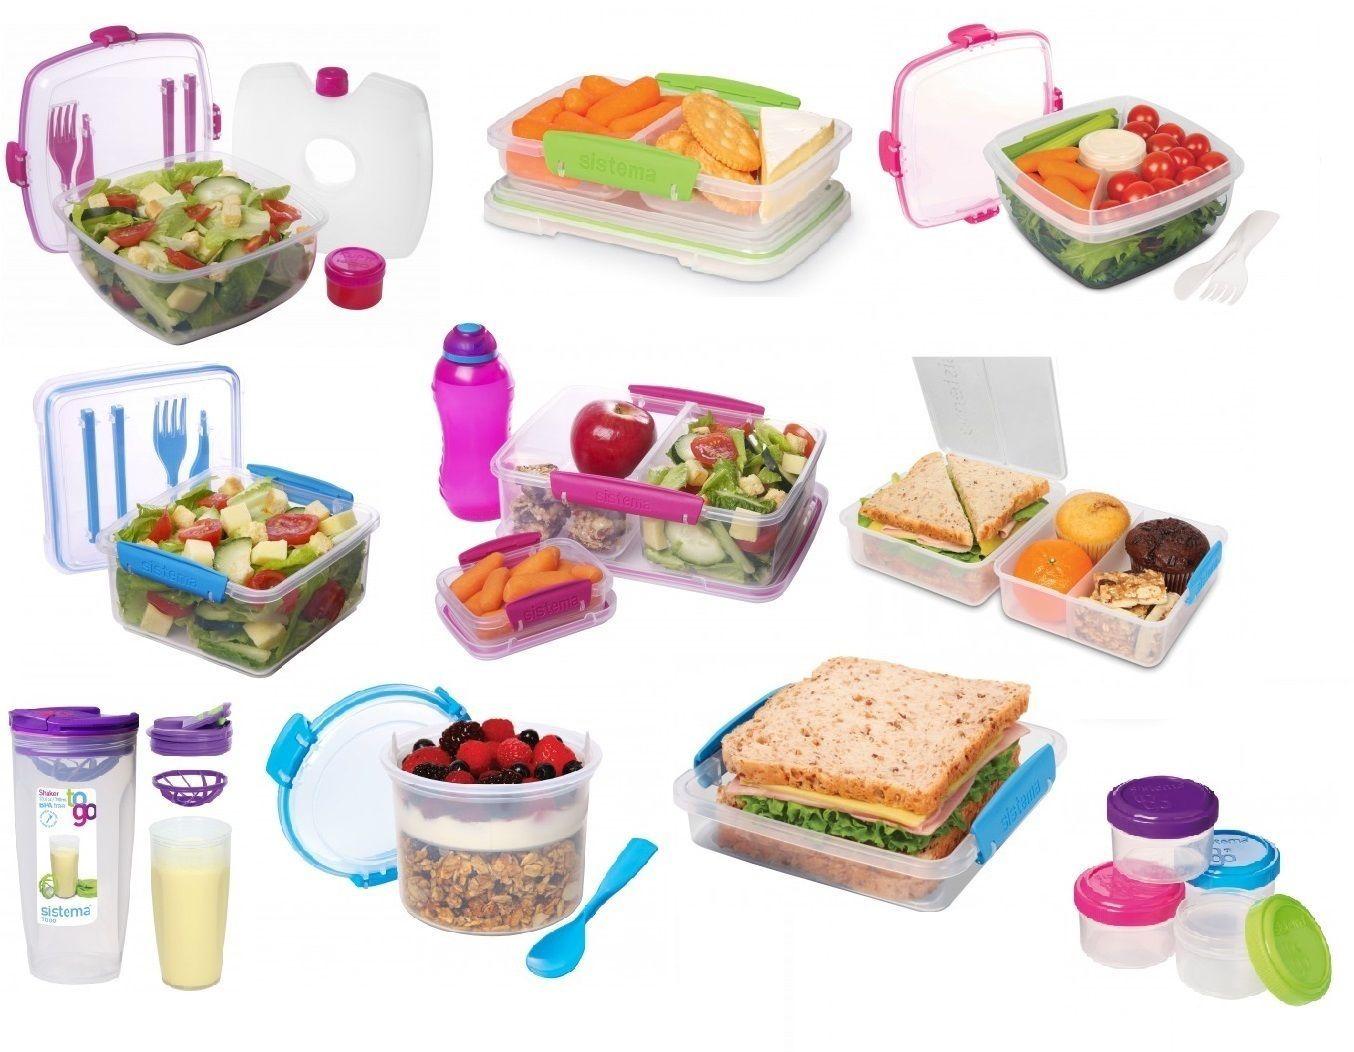 Details about SISTEMA Lunch/Salad Boxes/Cubes/Quaddies